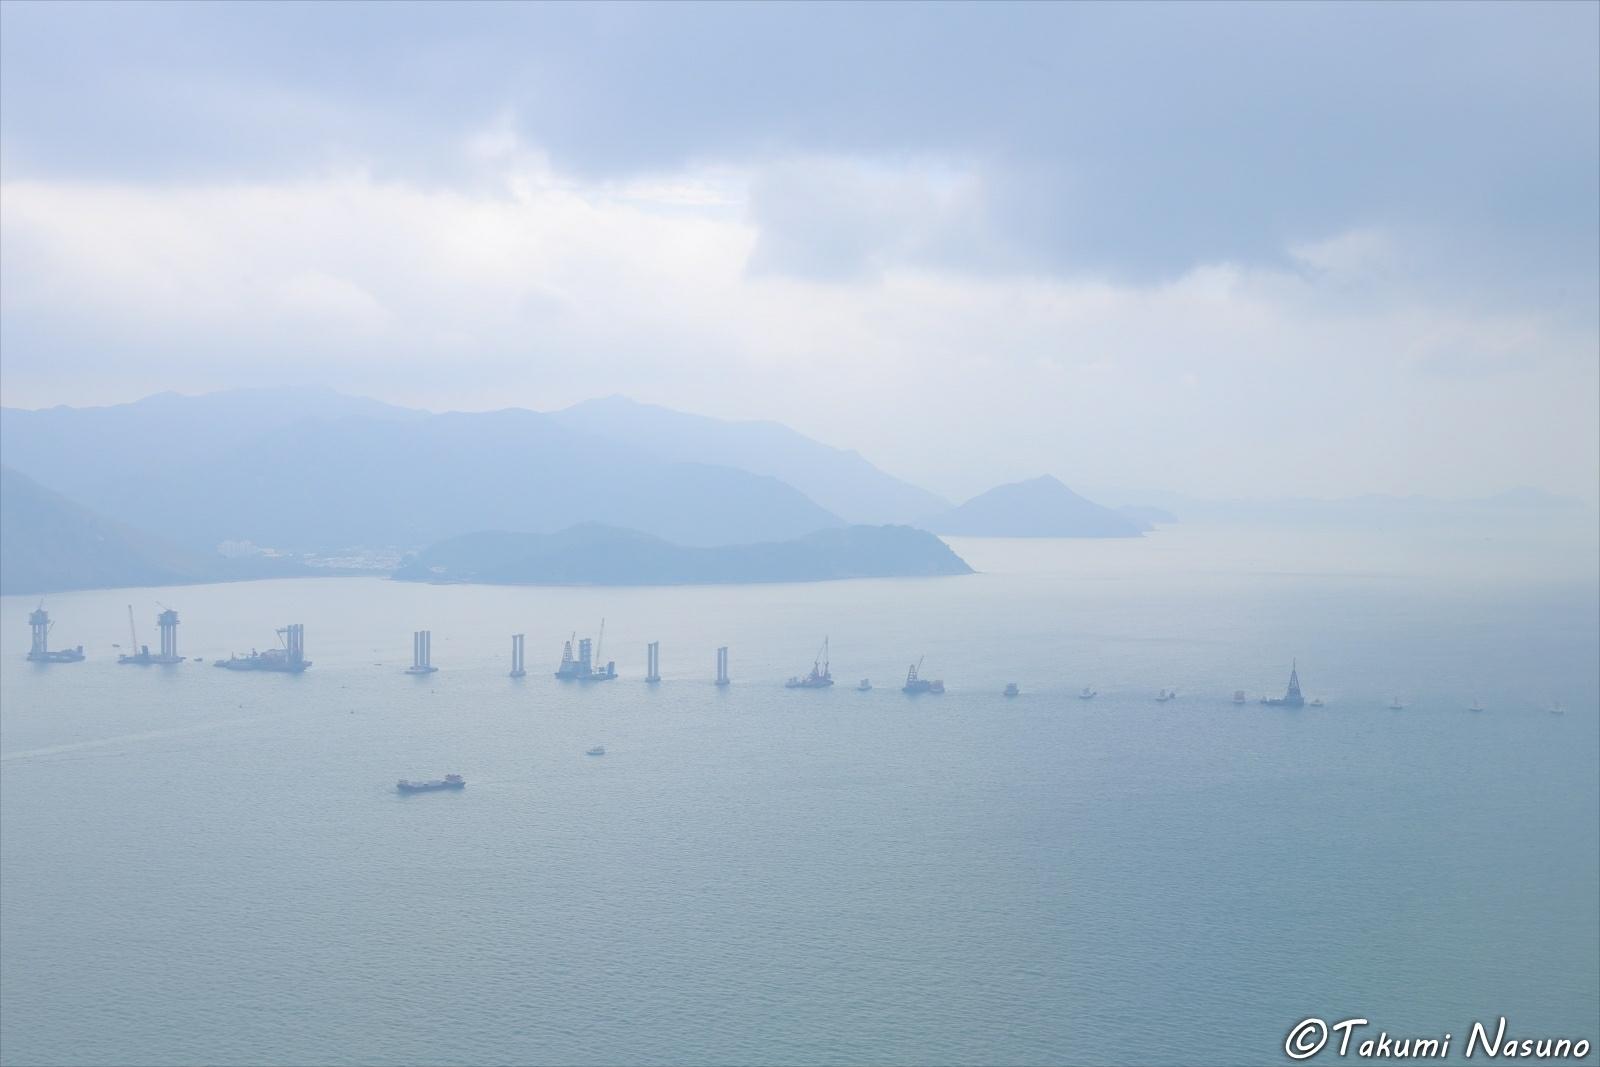 Near Hongkong Airport